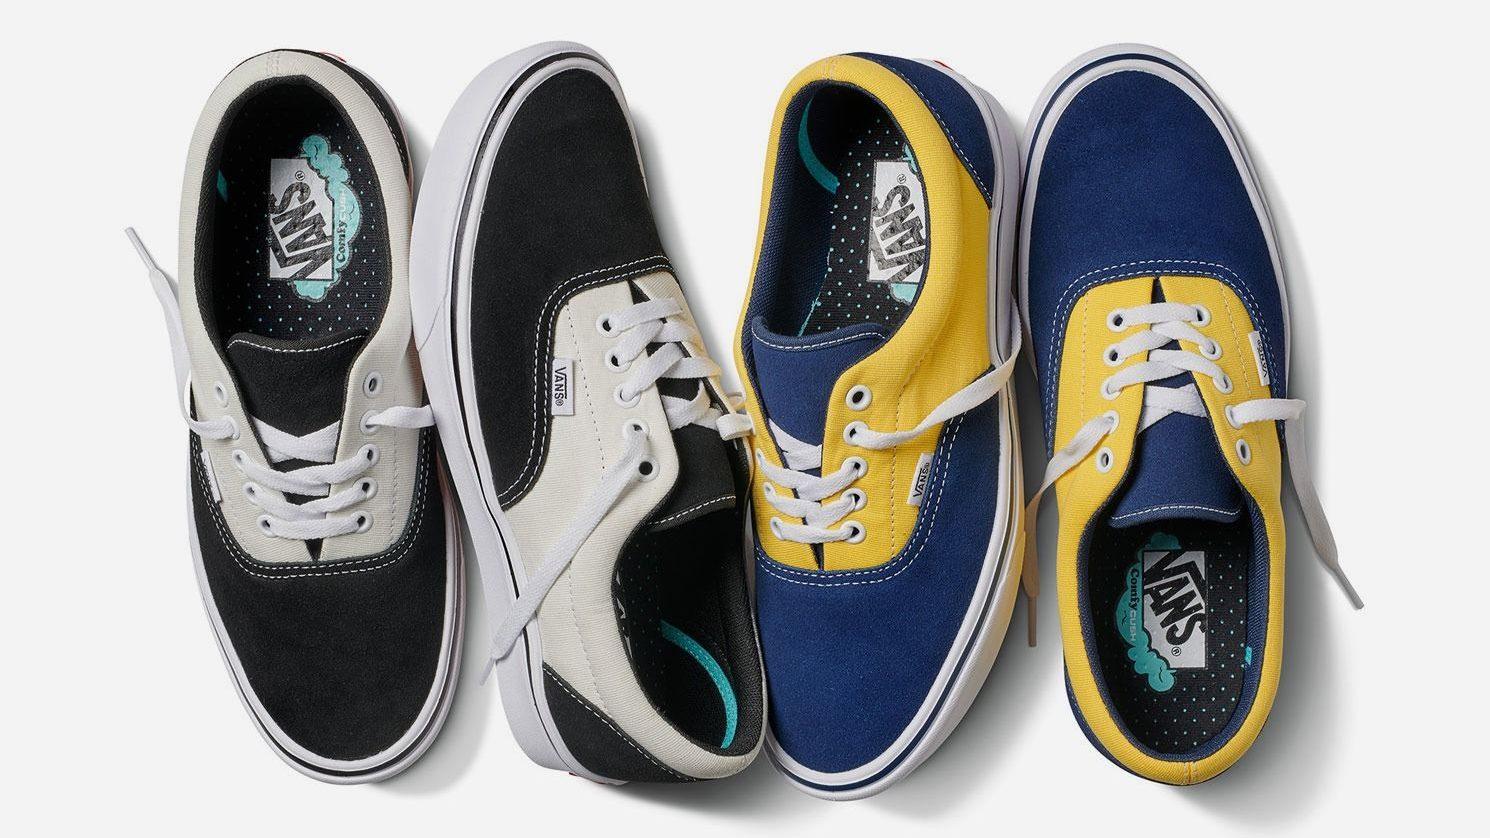 Bra bästa värde ganska billigt Vans's ComfyCush Era sneaks modern cushioning into classic shoes ...